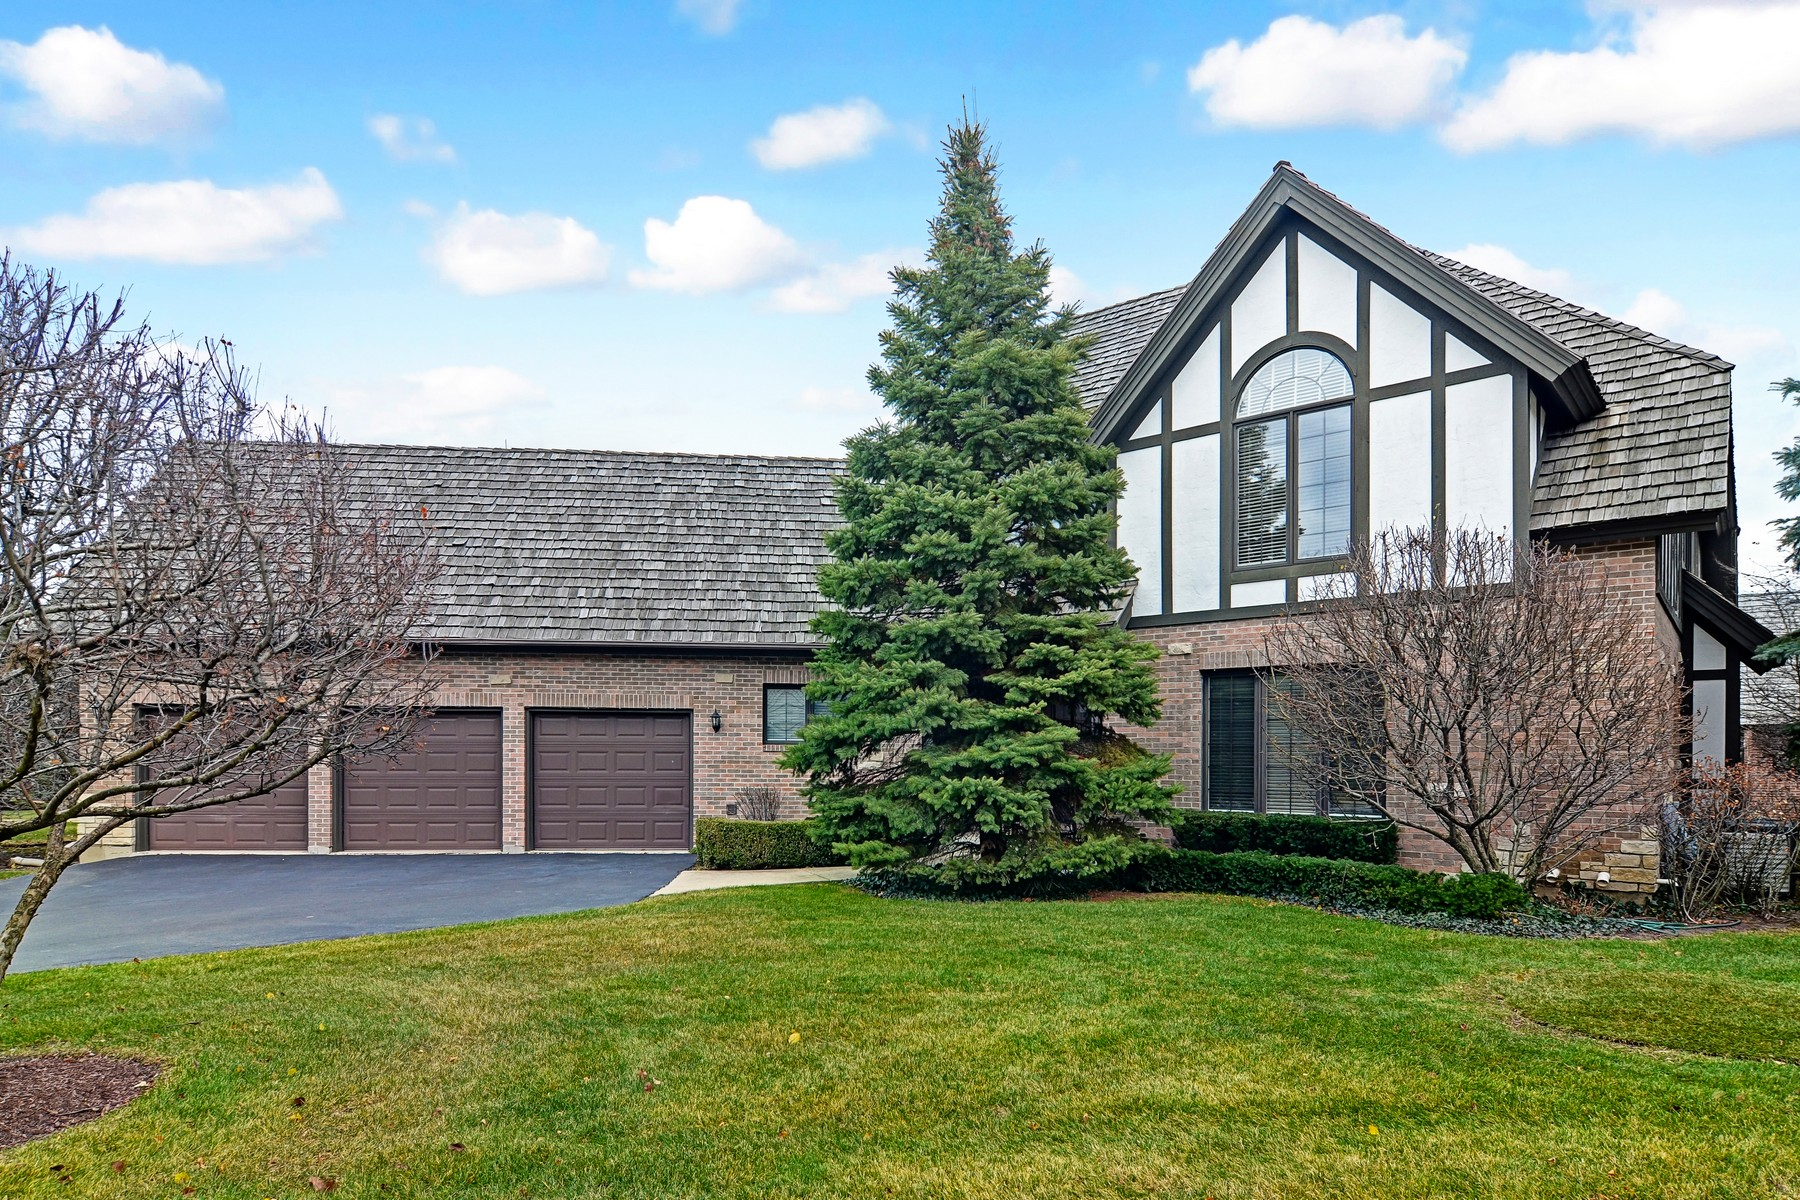 Maison unifamiliale pour l Vente à 601 Kenmare 601 Kenmare Drive, Burr Ridge, Illinois, 60527 États-Unis